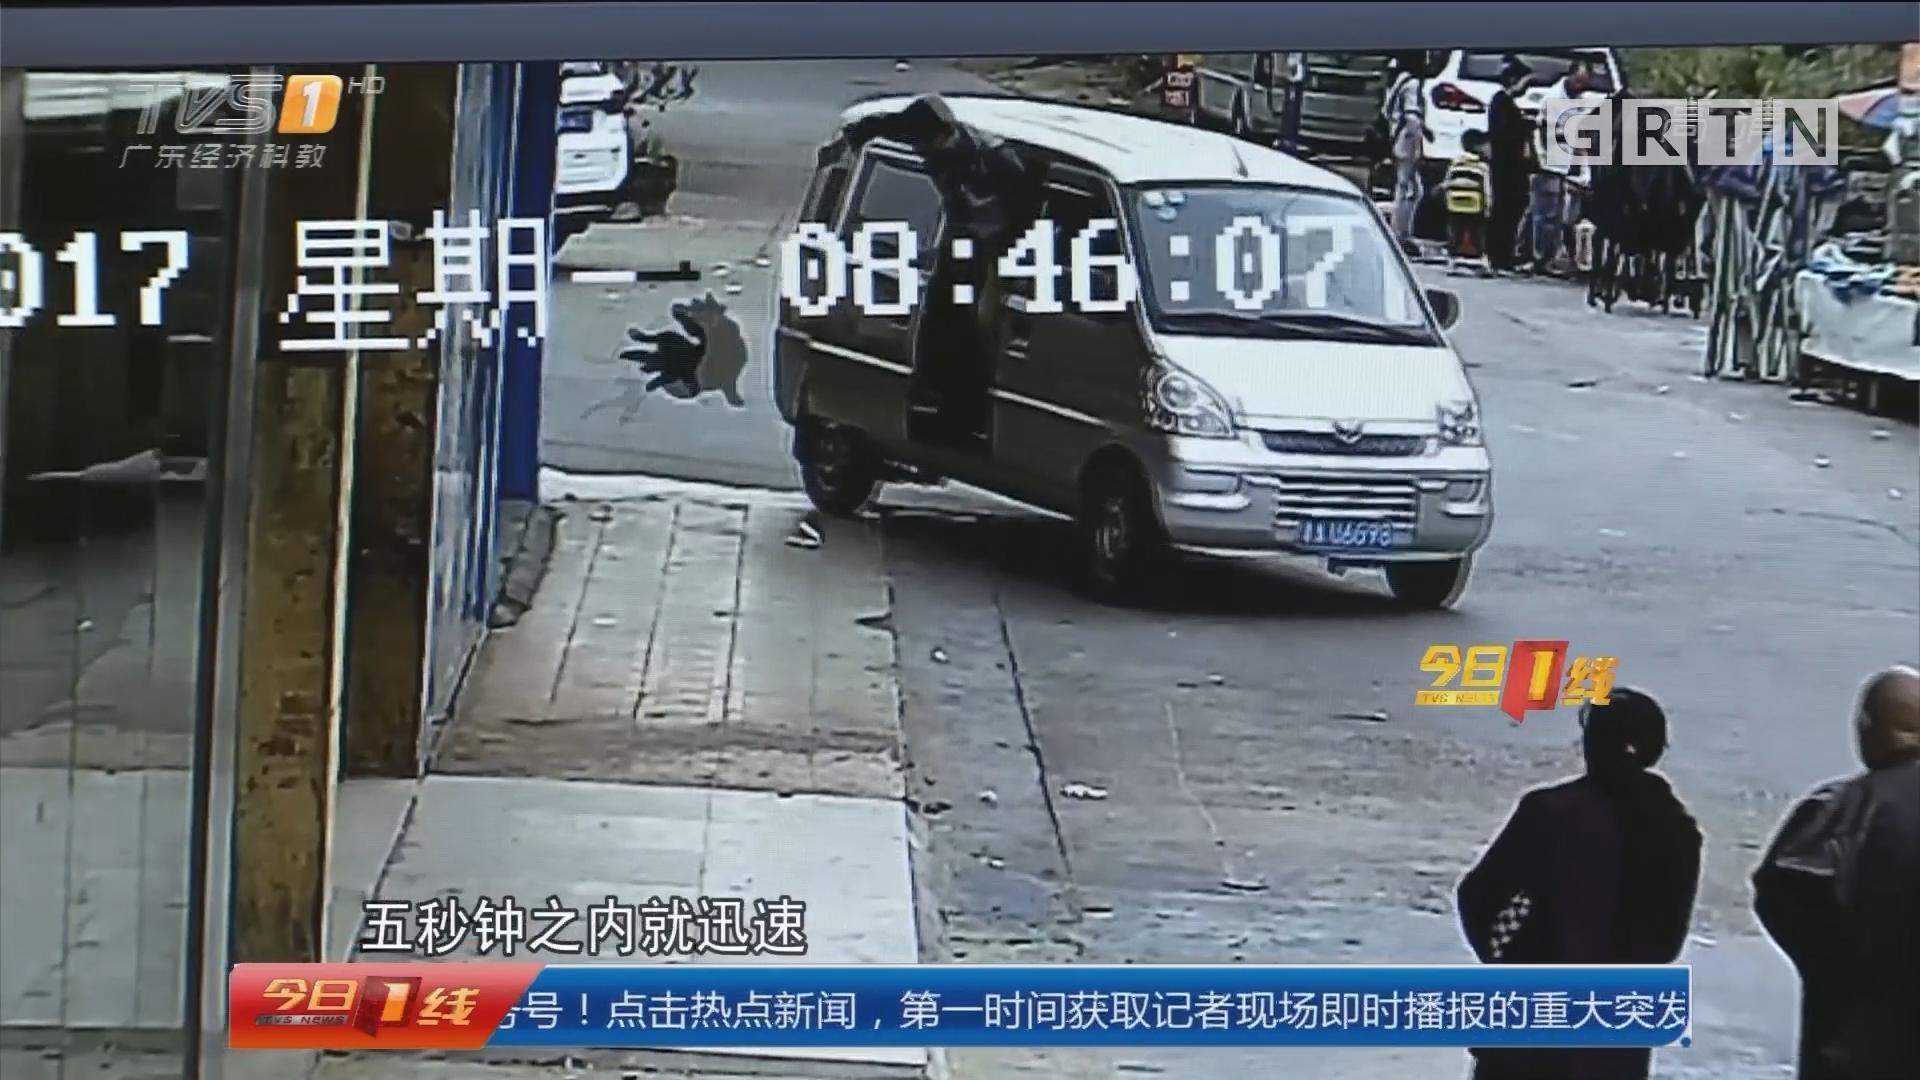 广州花都警方:打掉盗贩狗团伙 救出数十只狗